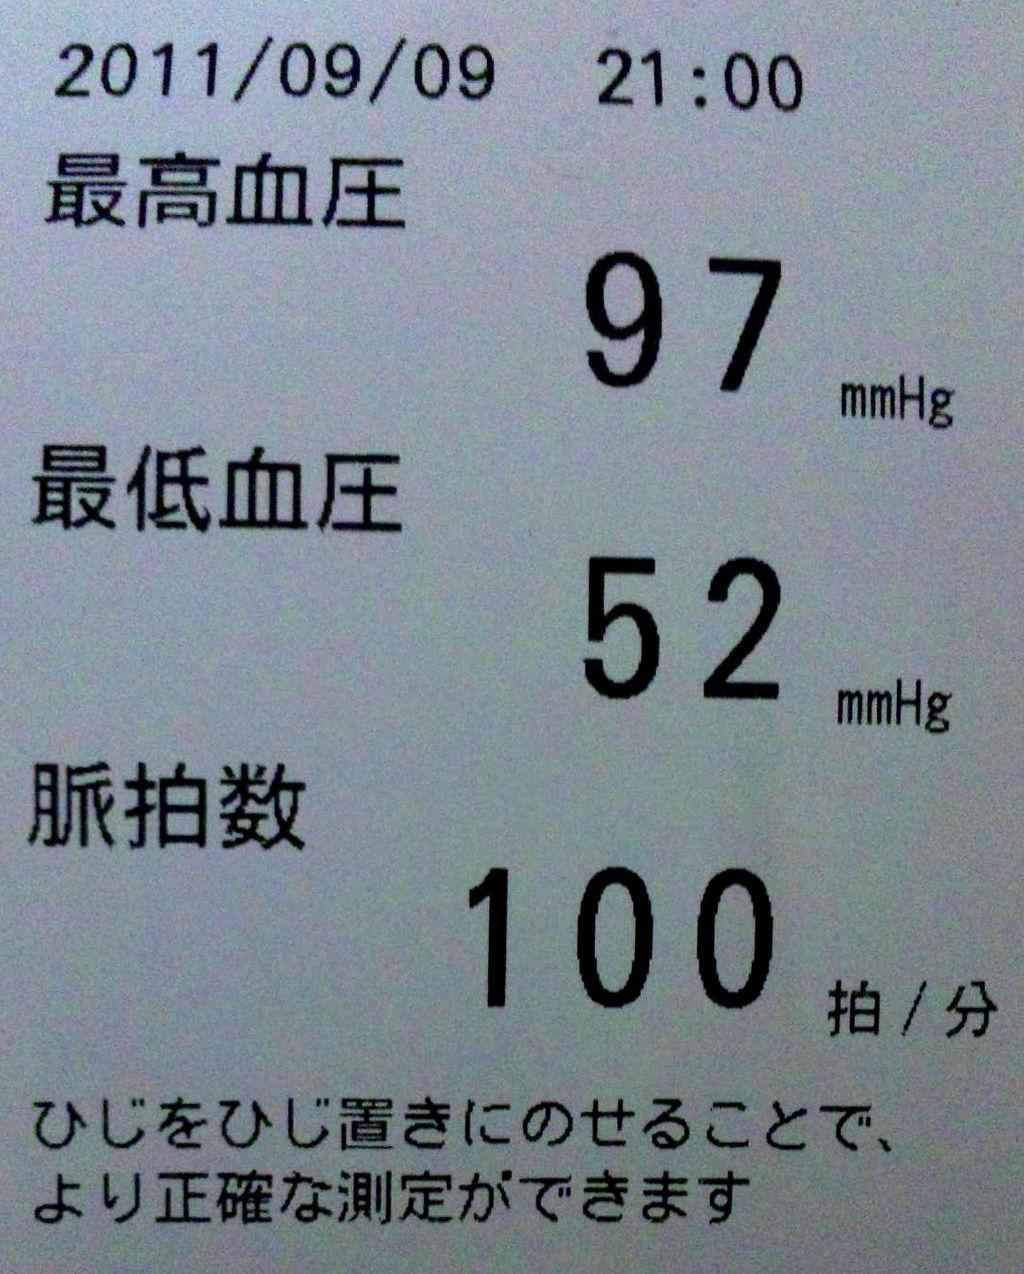 基準 低 値 血圧